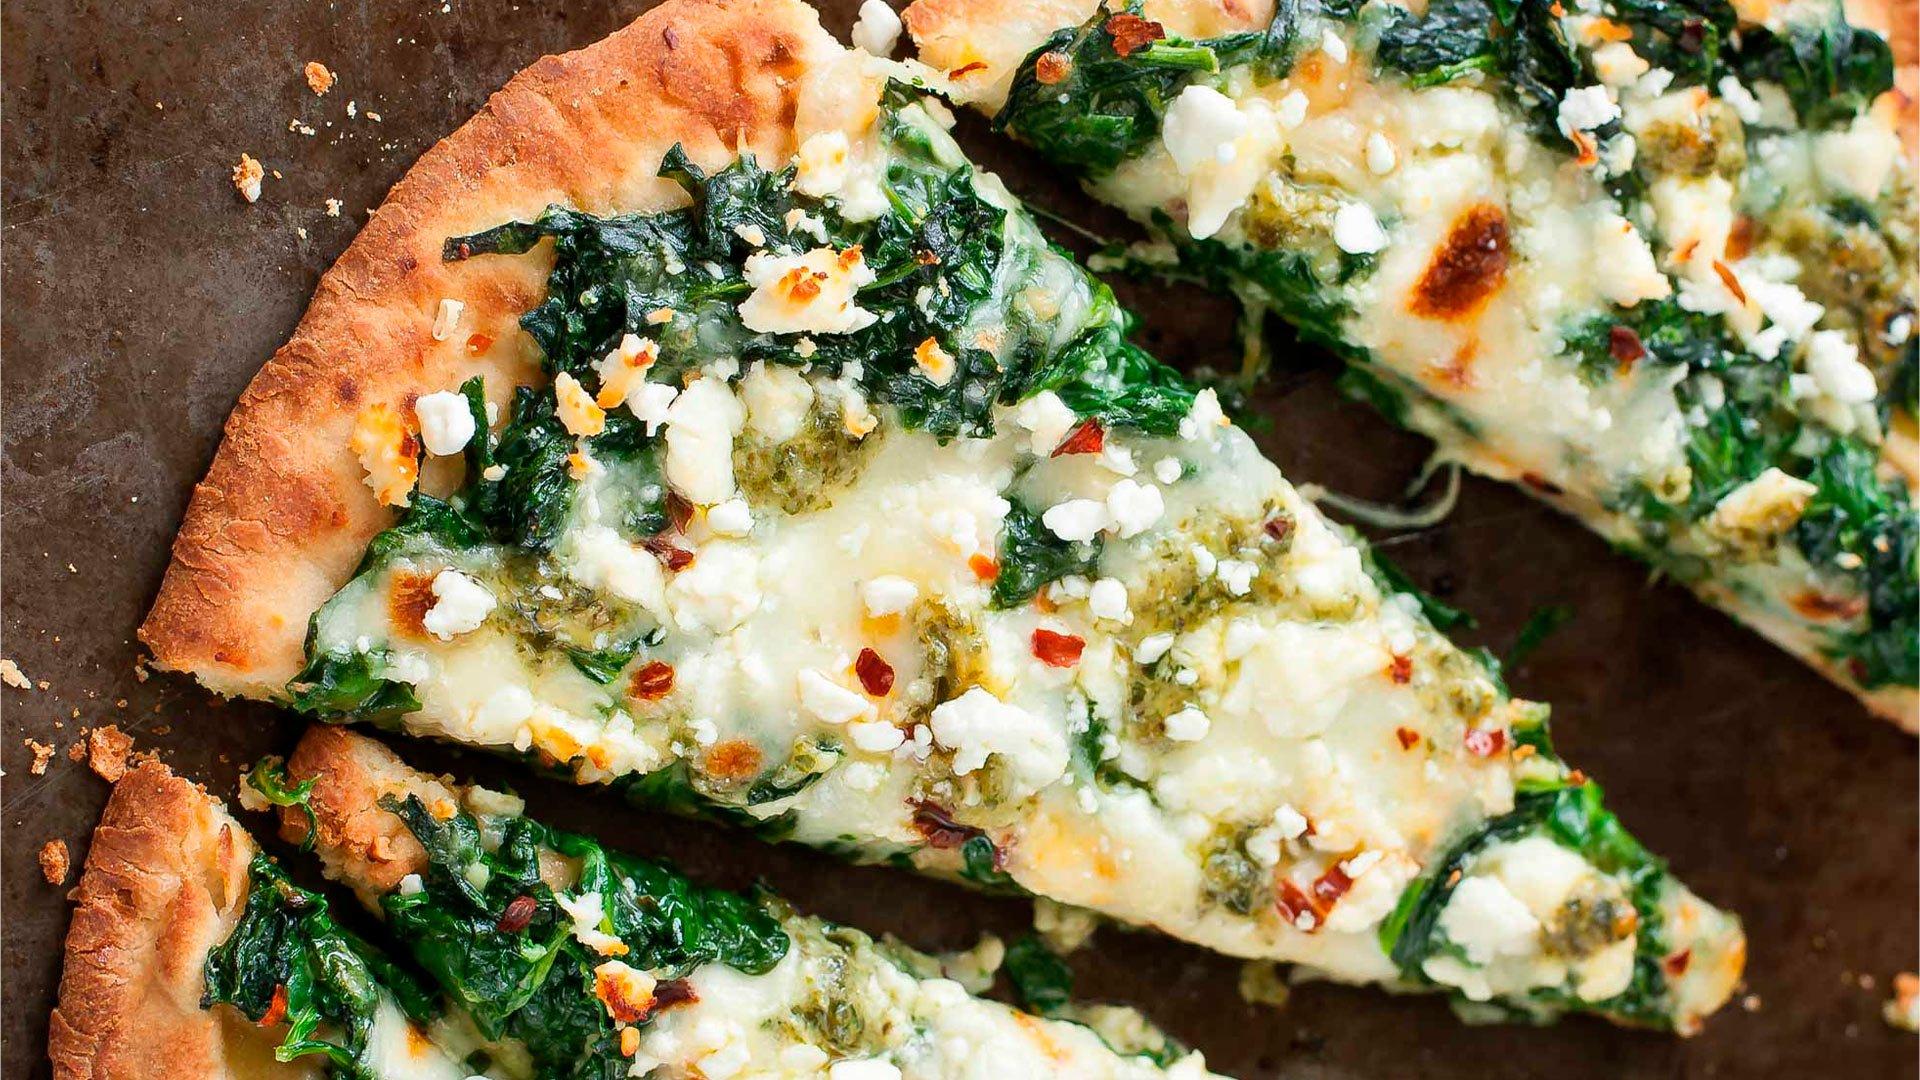 Pizza de Espinaca, Queso Fresco Trebolac y Pesto